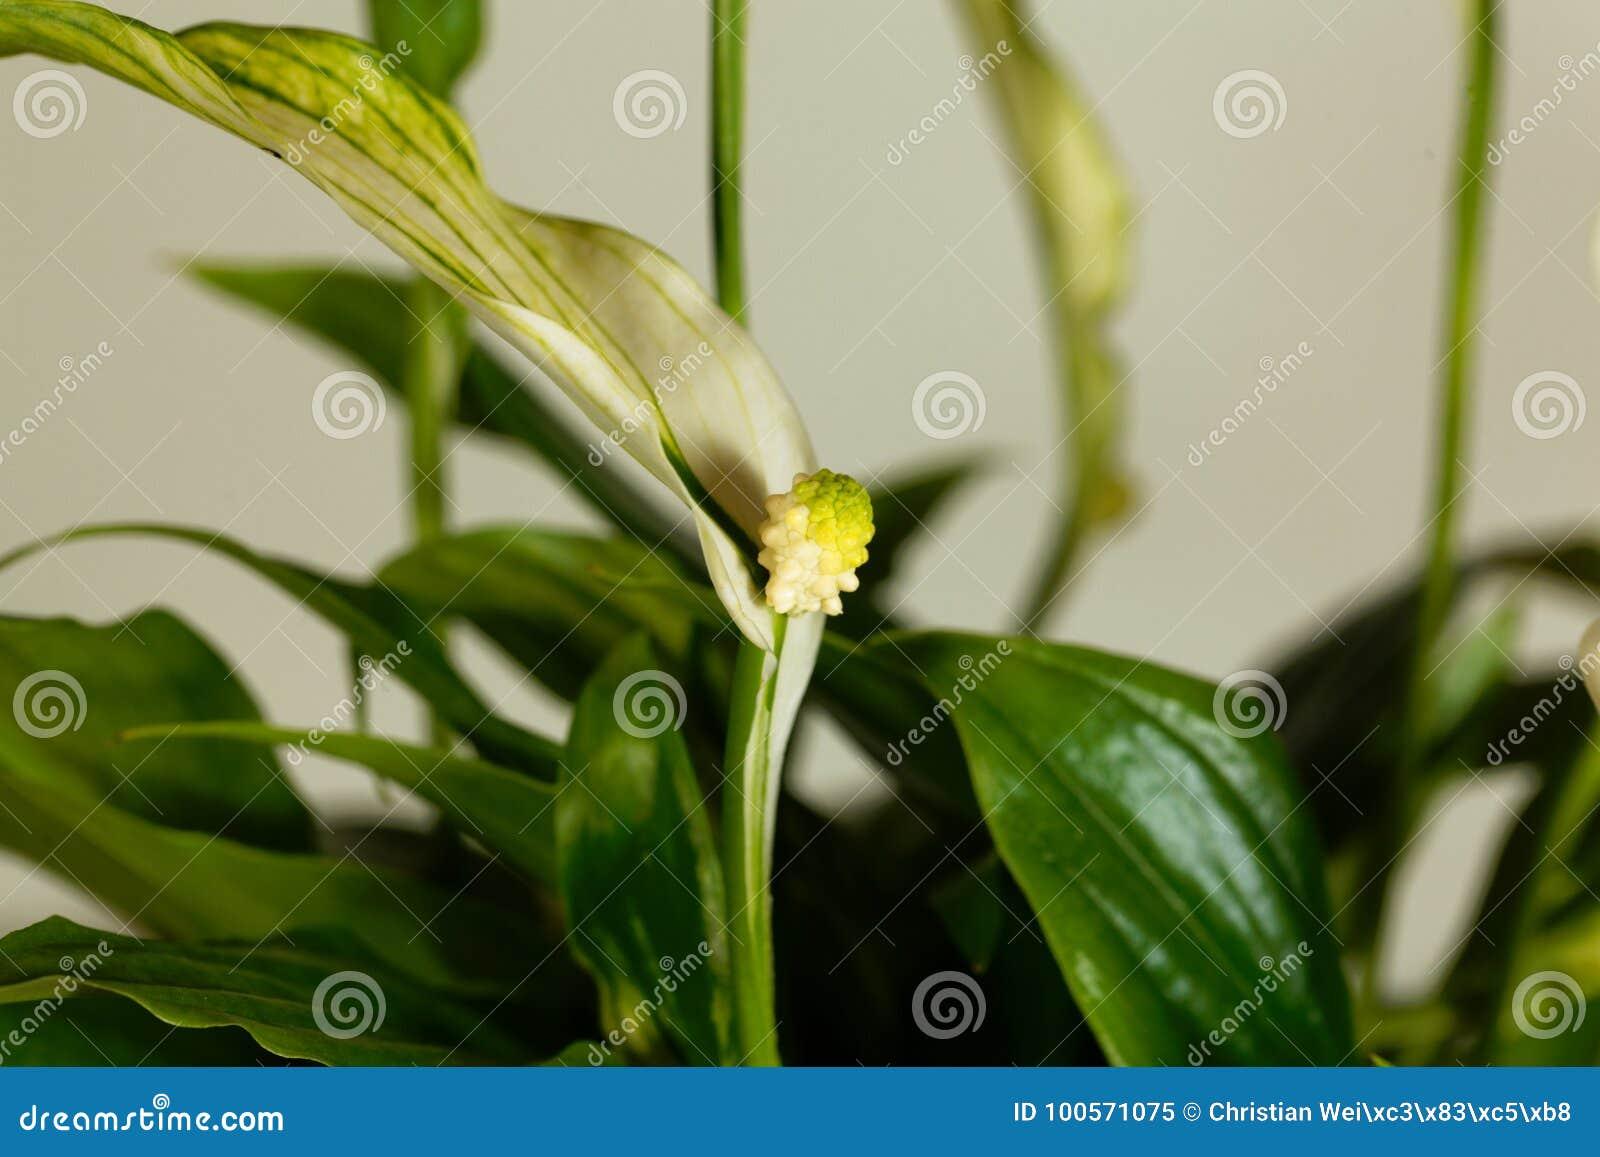 Peace Lily Flower Spathiphyllum Floribundum Stock Image Image Of